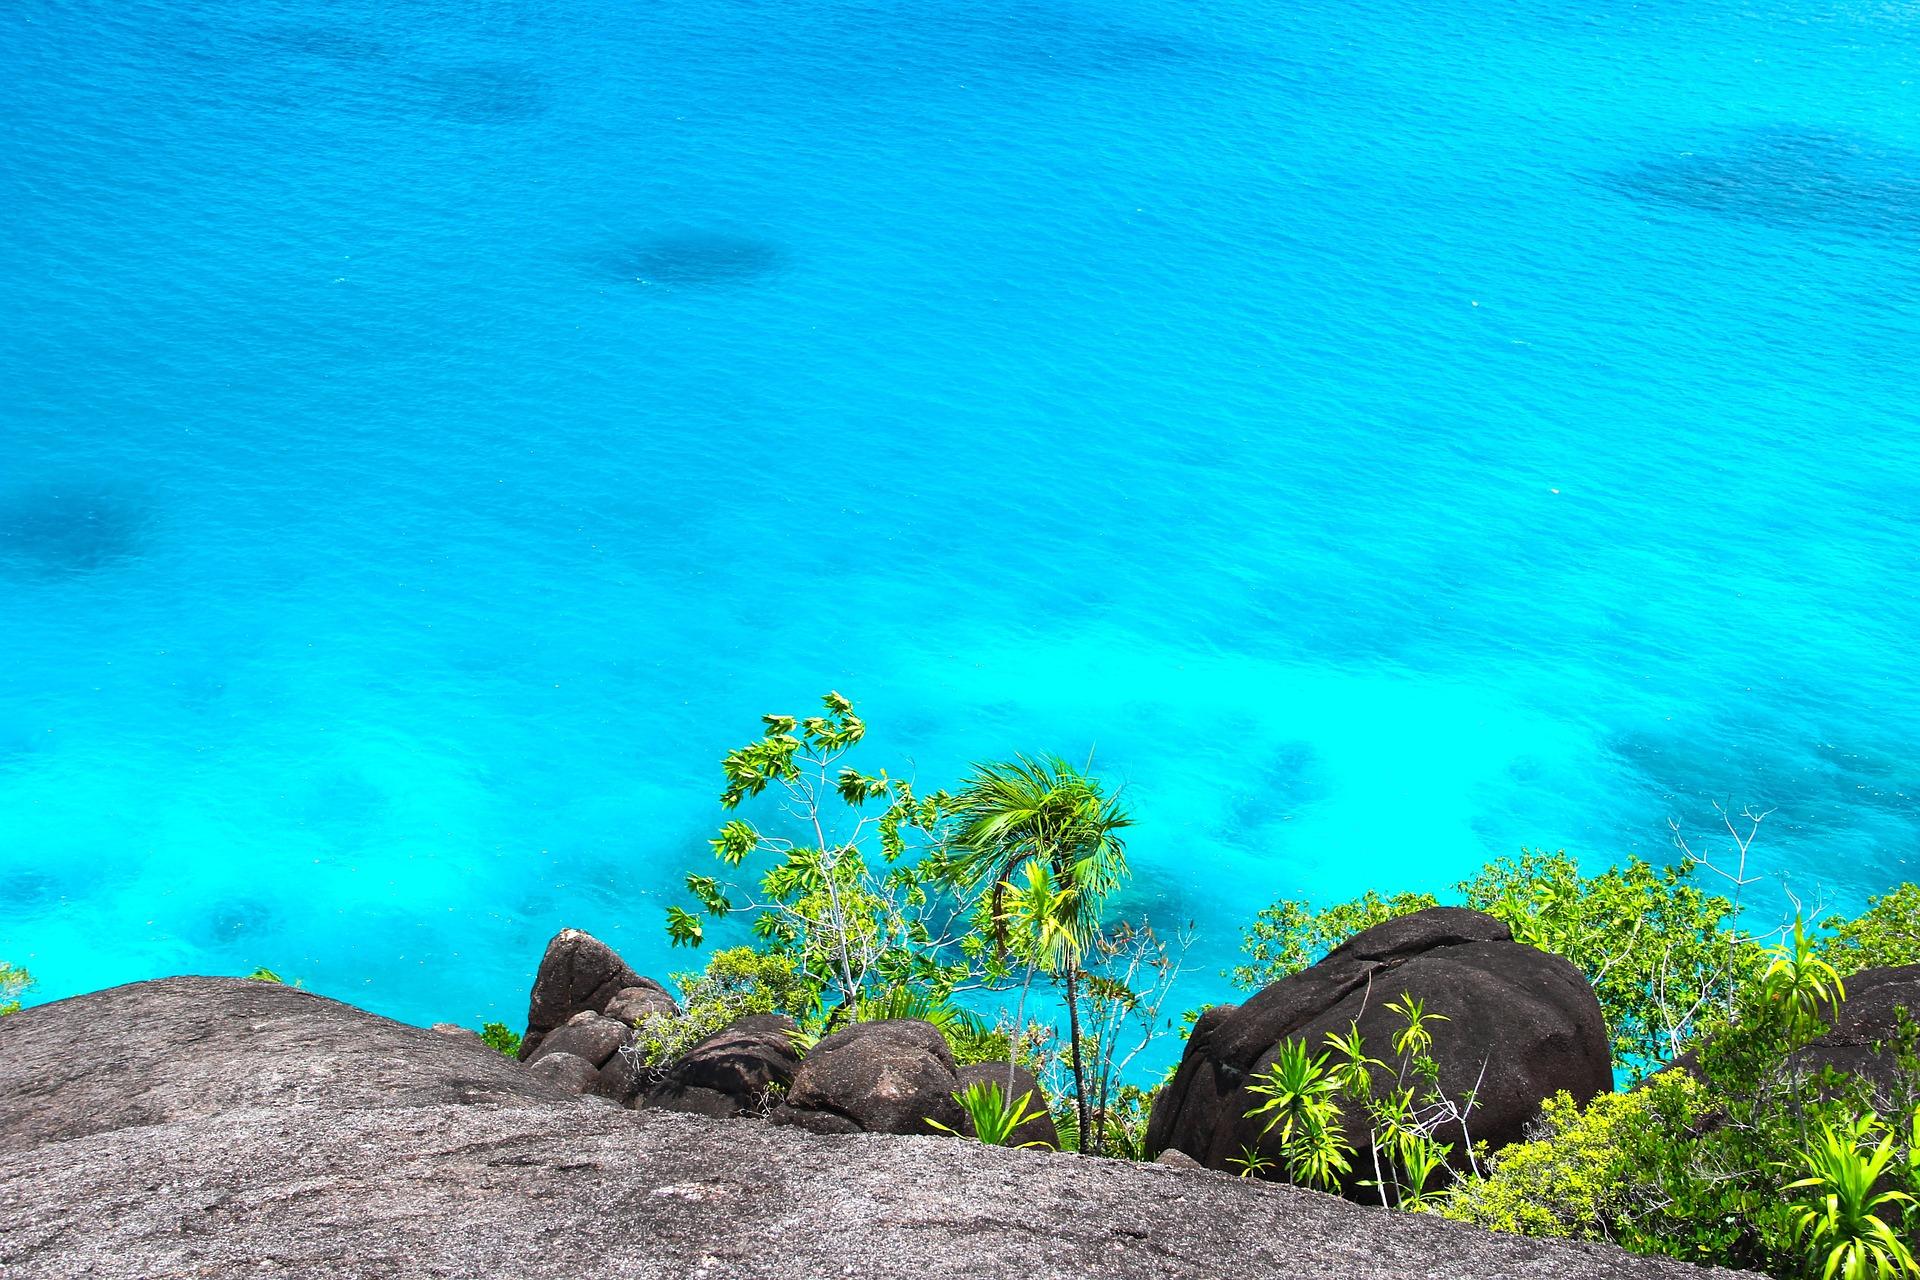 Flüge: Seychellen - Ab Brüssel nach Praslin Island (Seychellen) oder Antananarivo (Madagaskar) , zurück ab Mahe oder Praslin ab 299€ mit Ethiopian Airlines